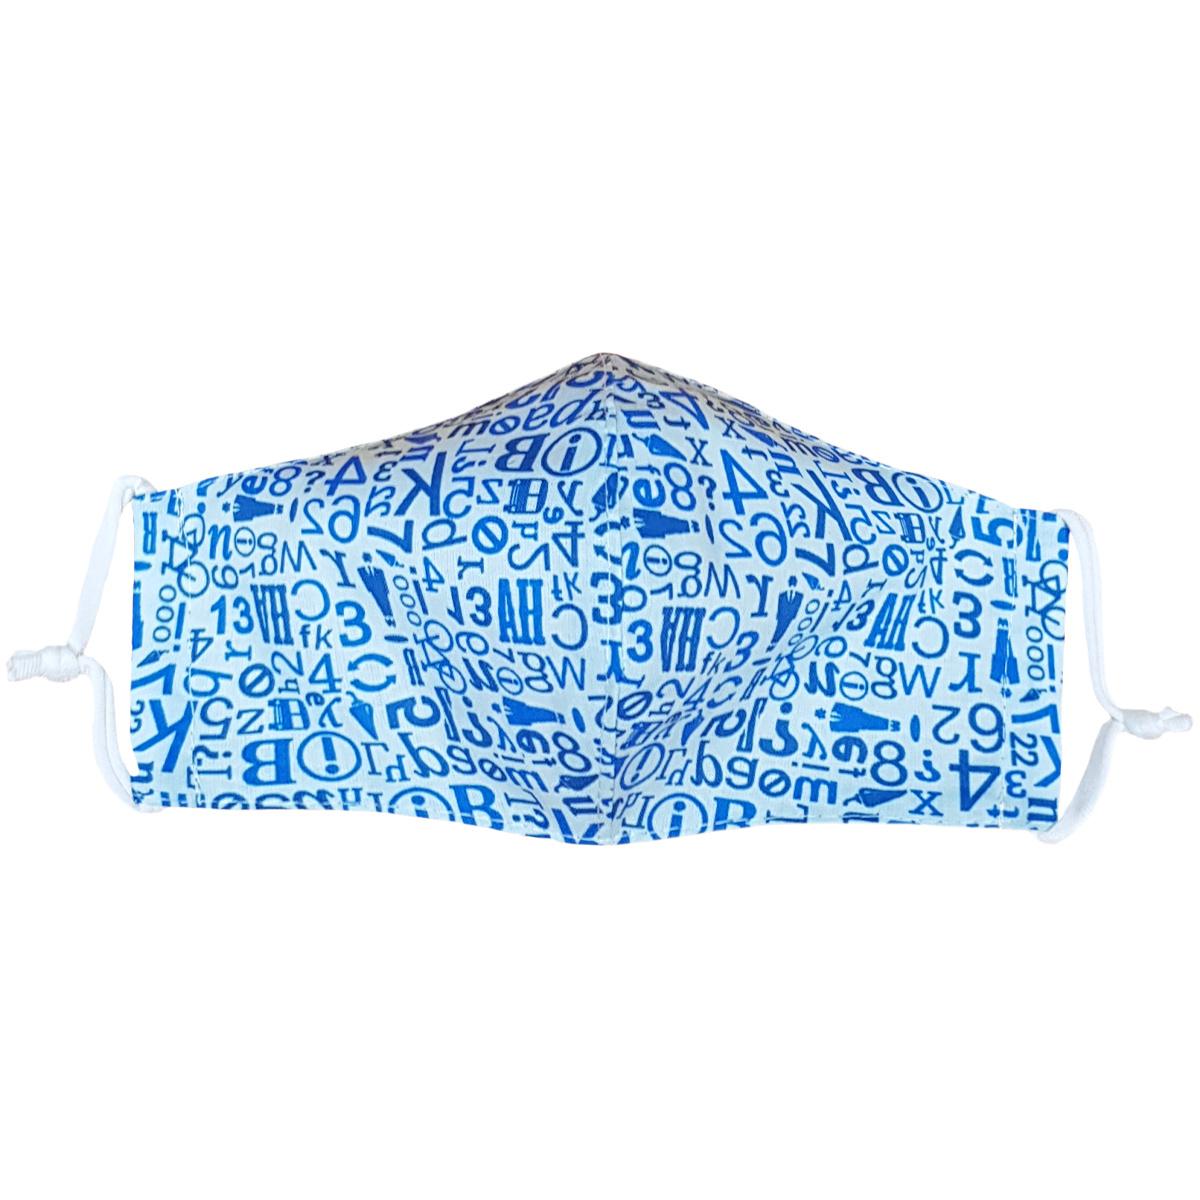 Mască facială din bumbac Litere albastru medium imagine 2021 e4home.ro